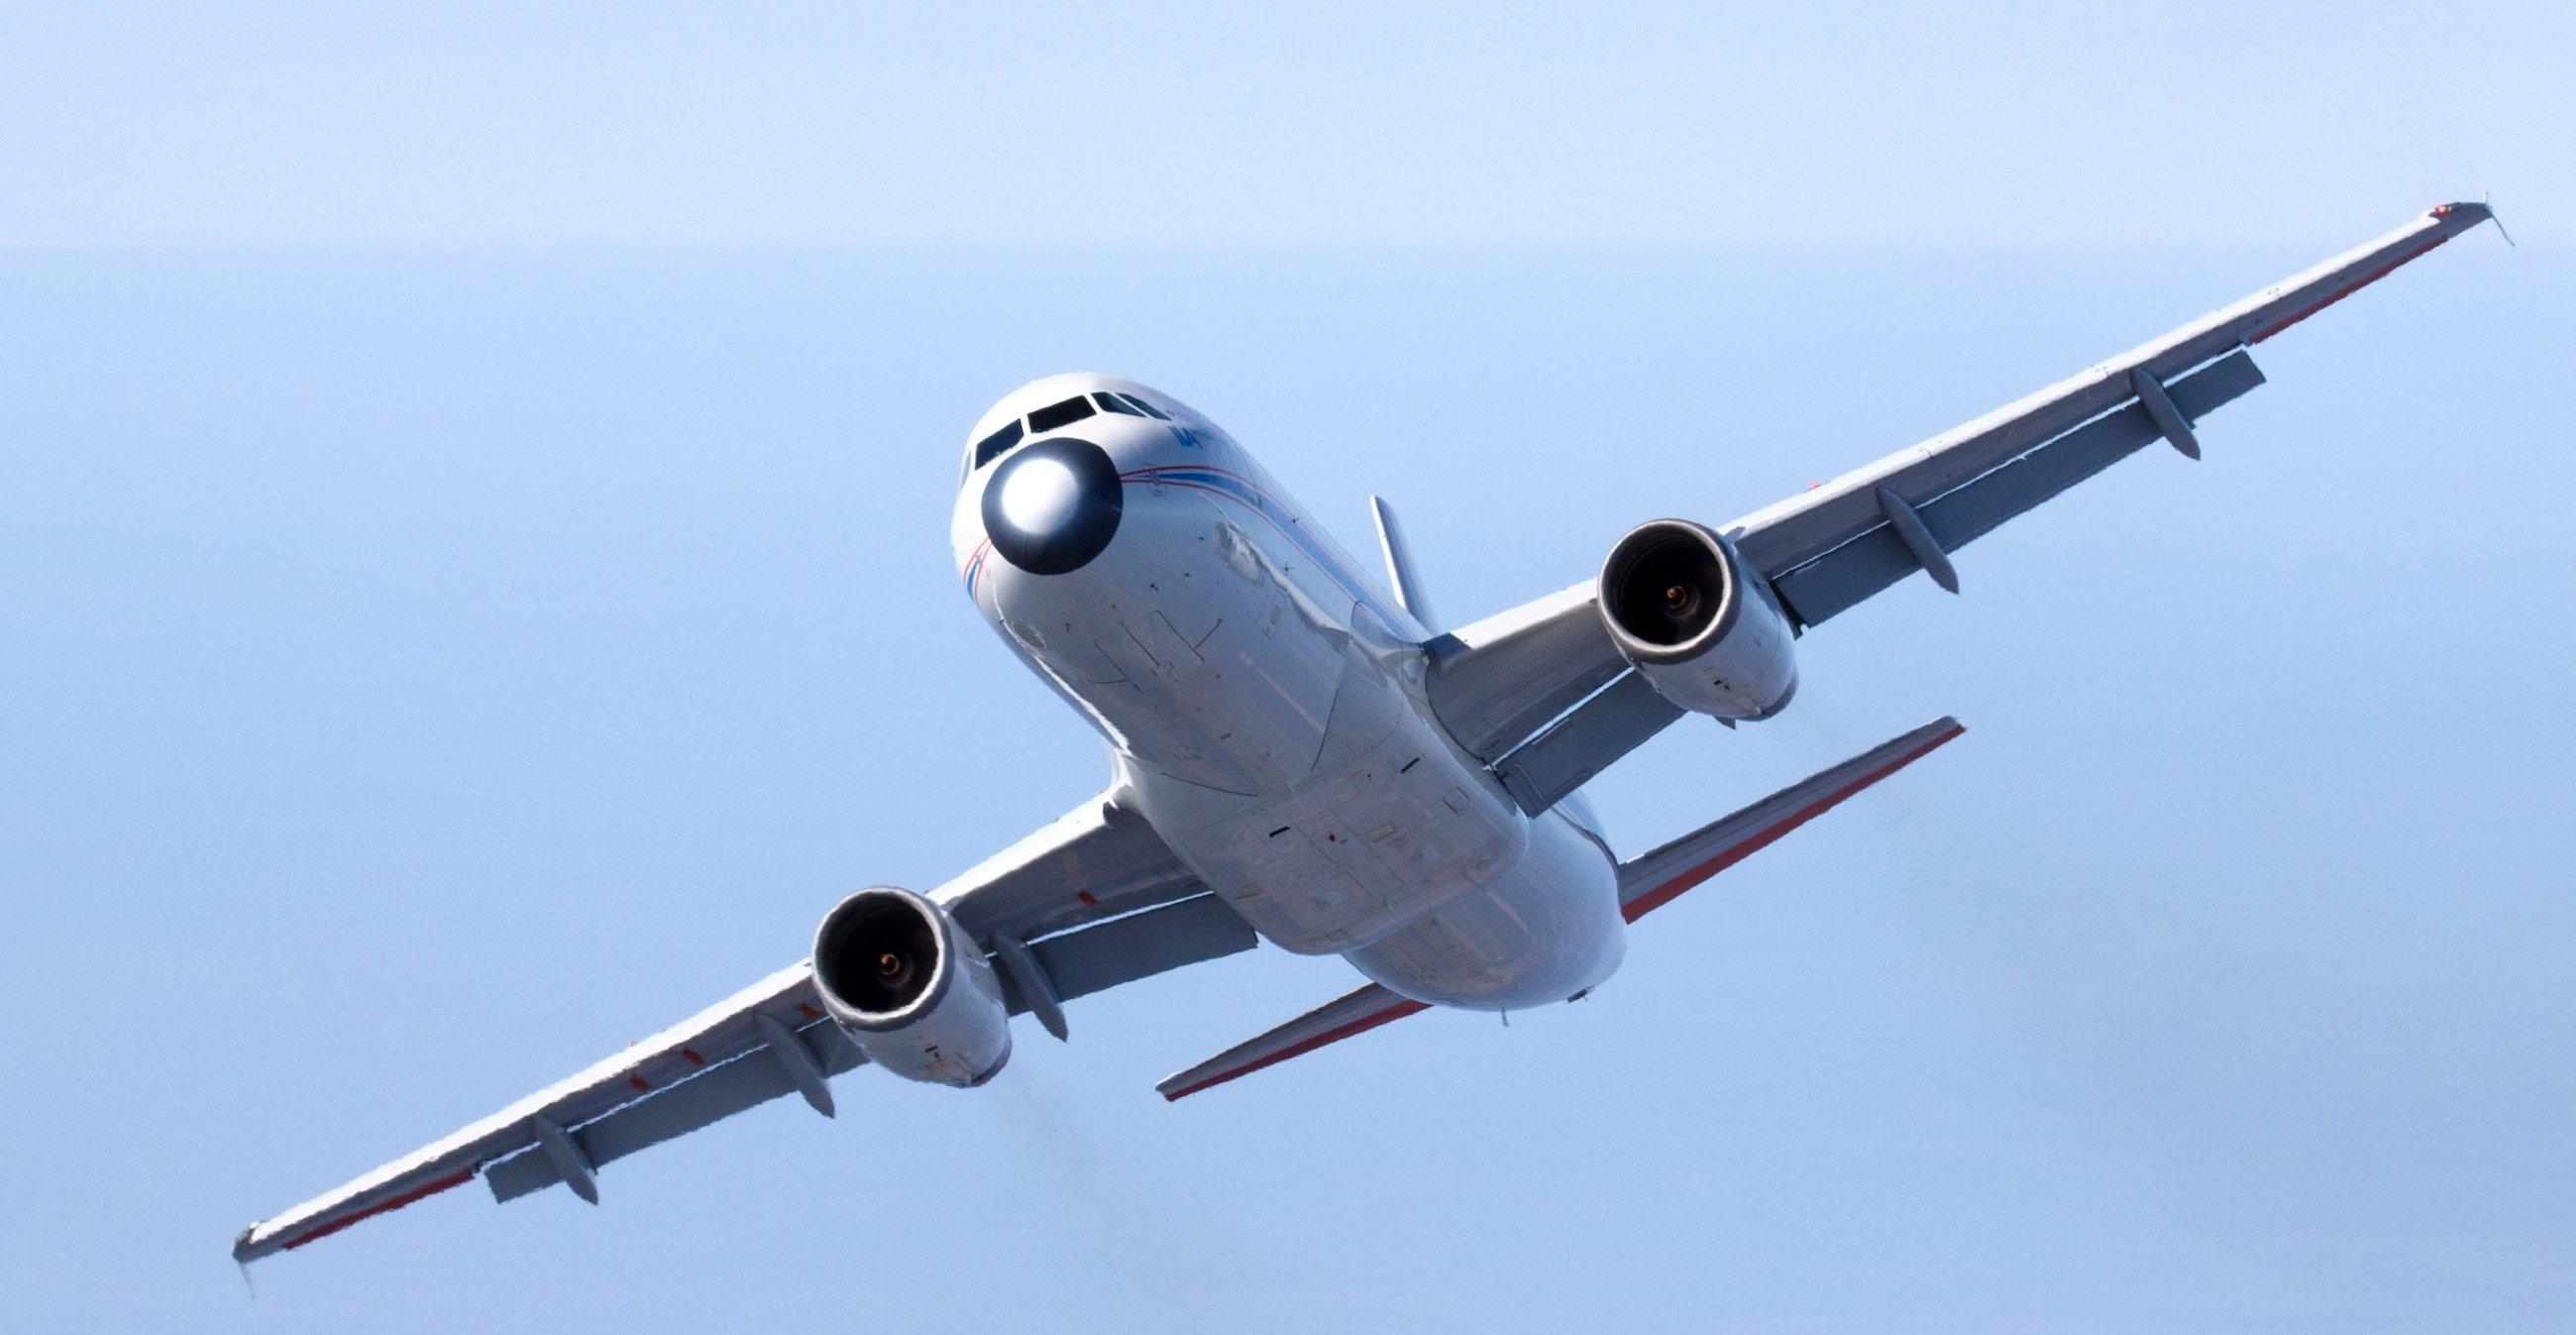 Während der Testflüge im A320 ATRA führten die Piloten rund 30 Überziehmanöver durch. Dabei wird die Nase des ATRA bei verringertem Schub so hochgezogen, dass der maximale Auftrieb erreicht wird. Deutlich sind die ausgefahrenen Landeklappen für das Langsamflugmanöver zu erkennen.